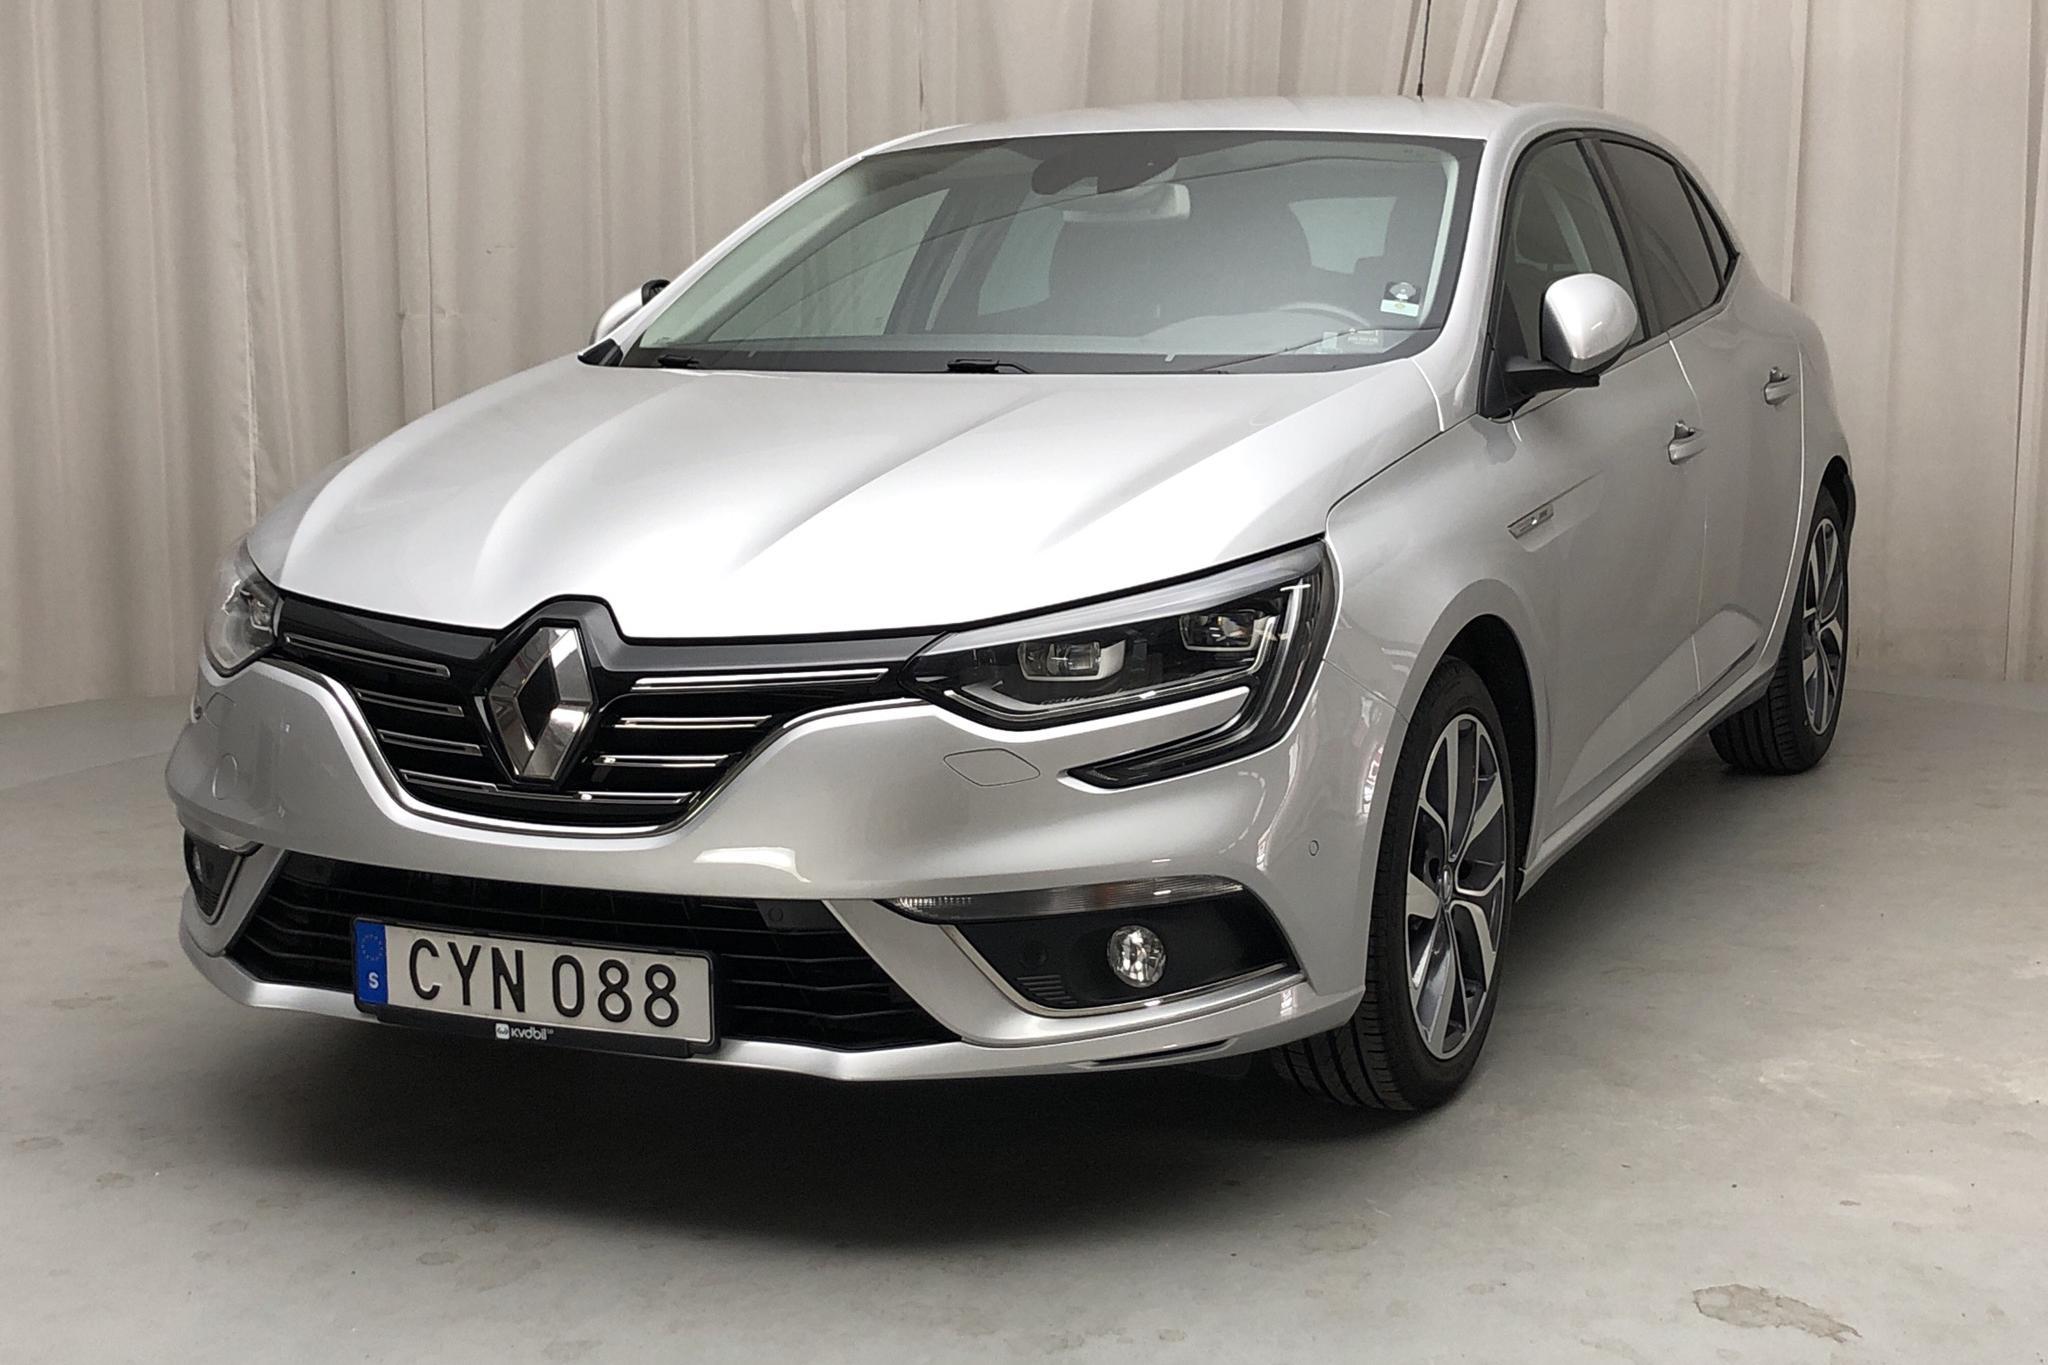 Renault Mégane 1.2 TCe 5dr (130hk)